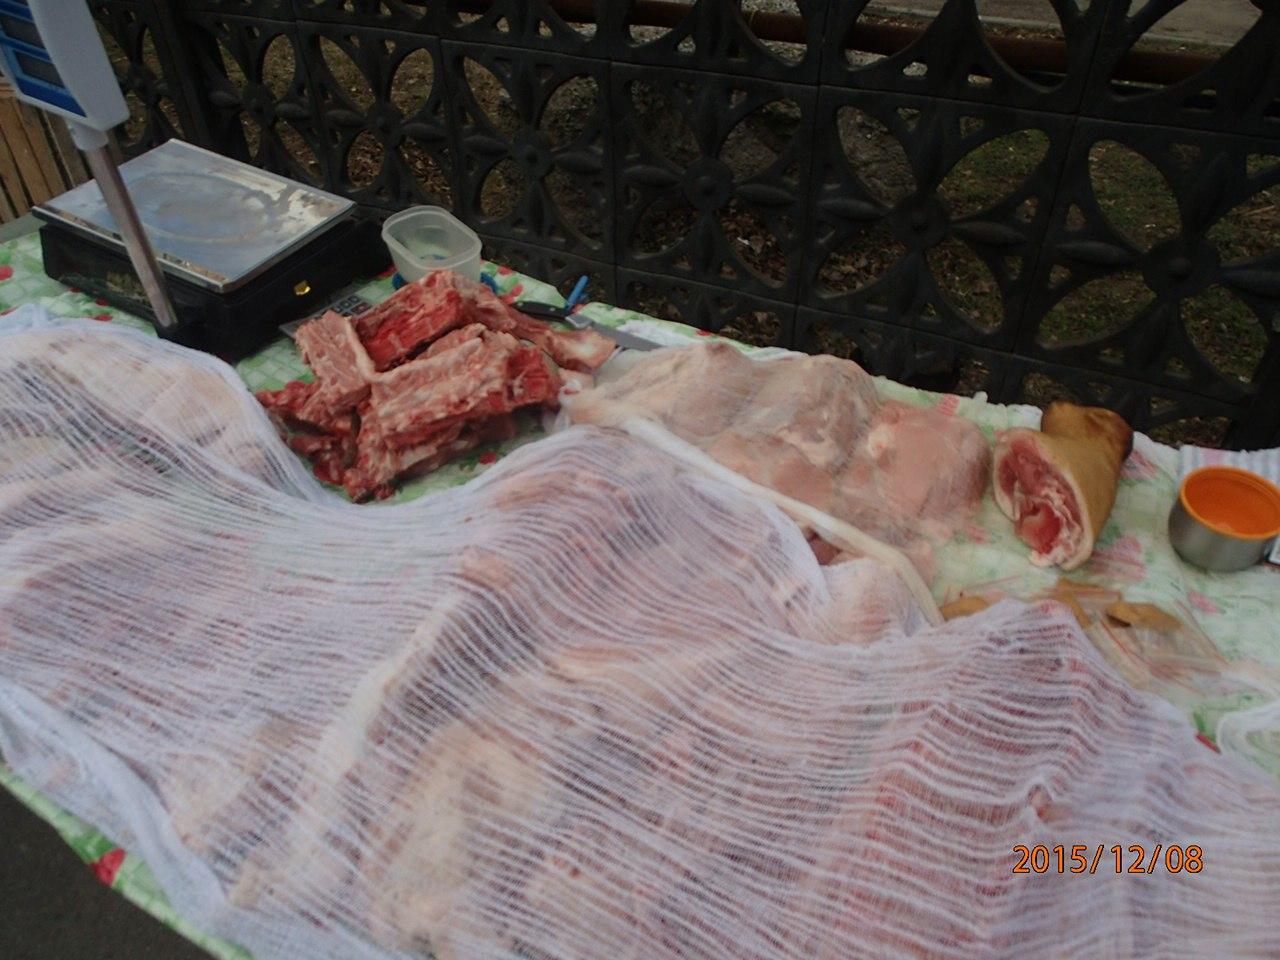 Мясом сомнительного качества торговали у входа в больницу